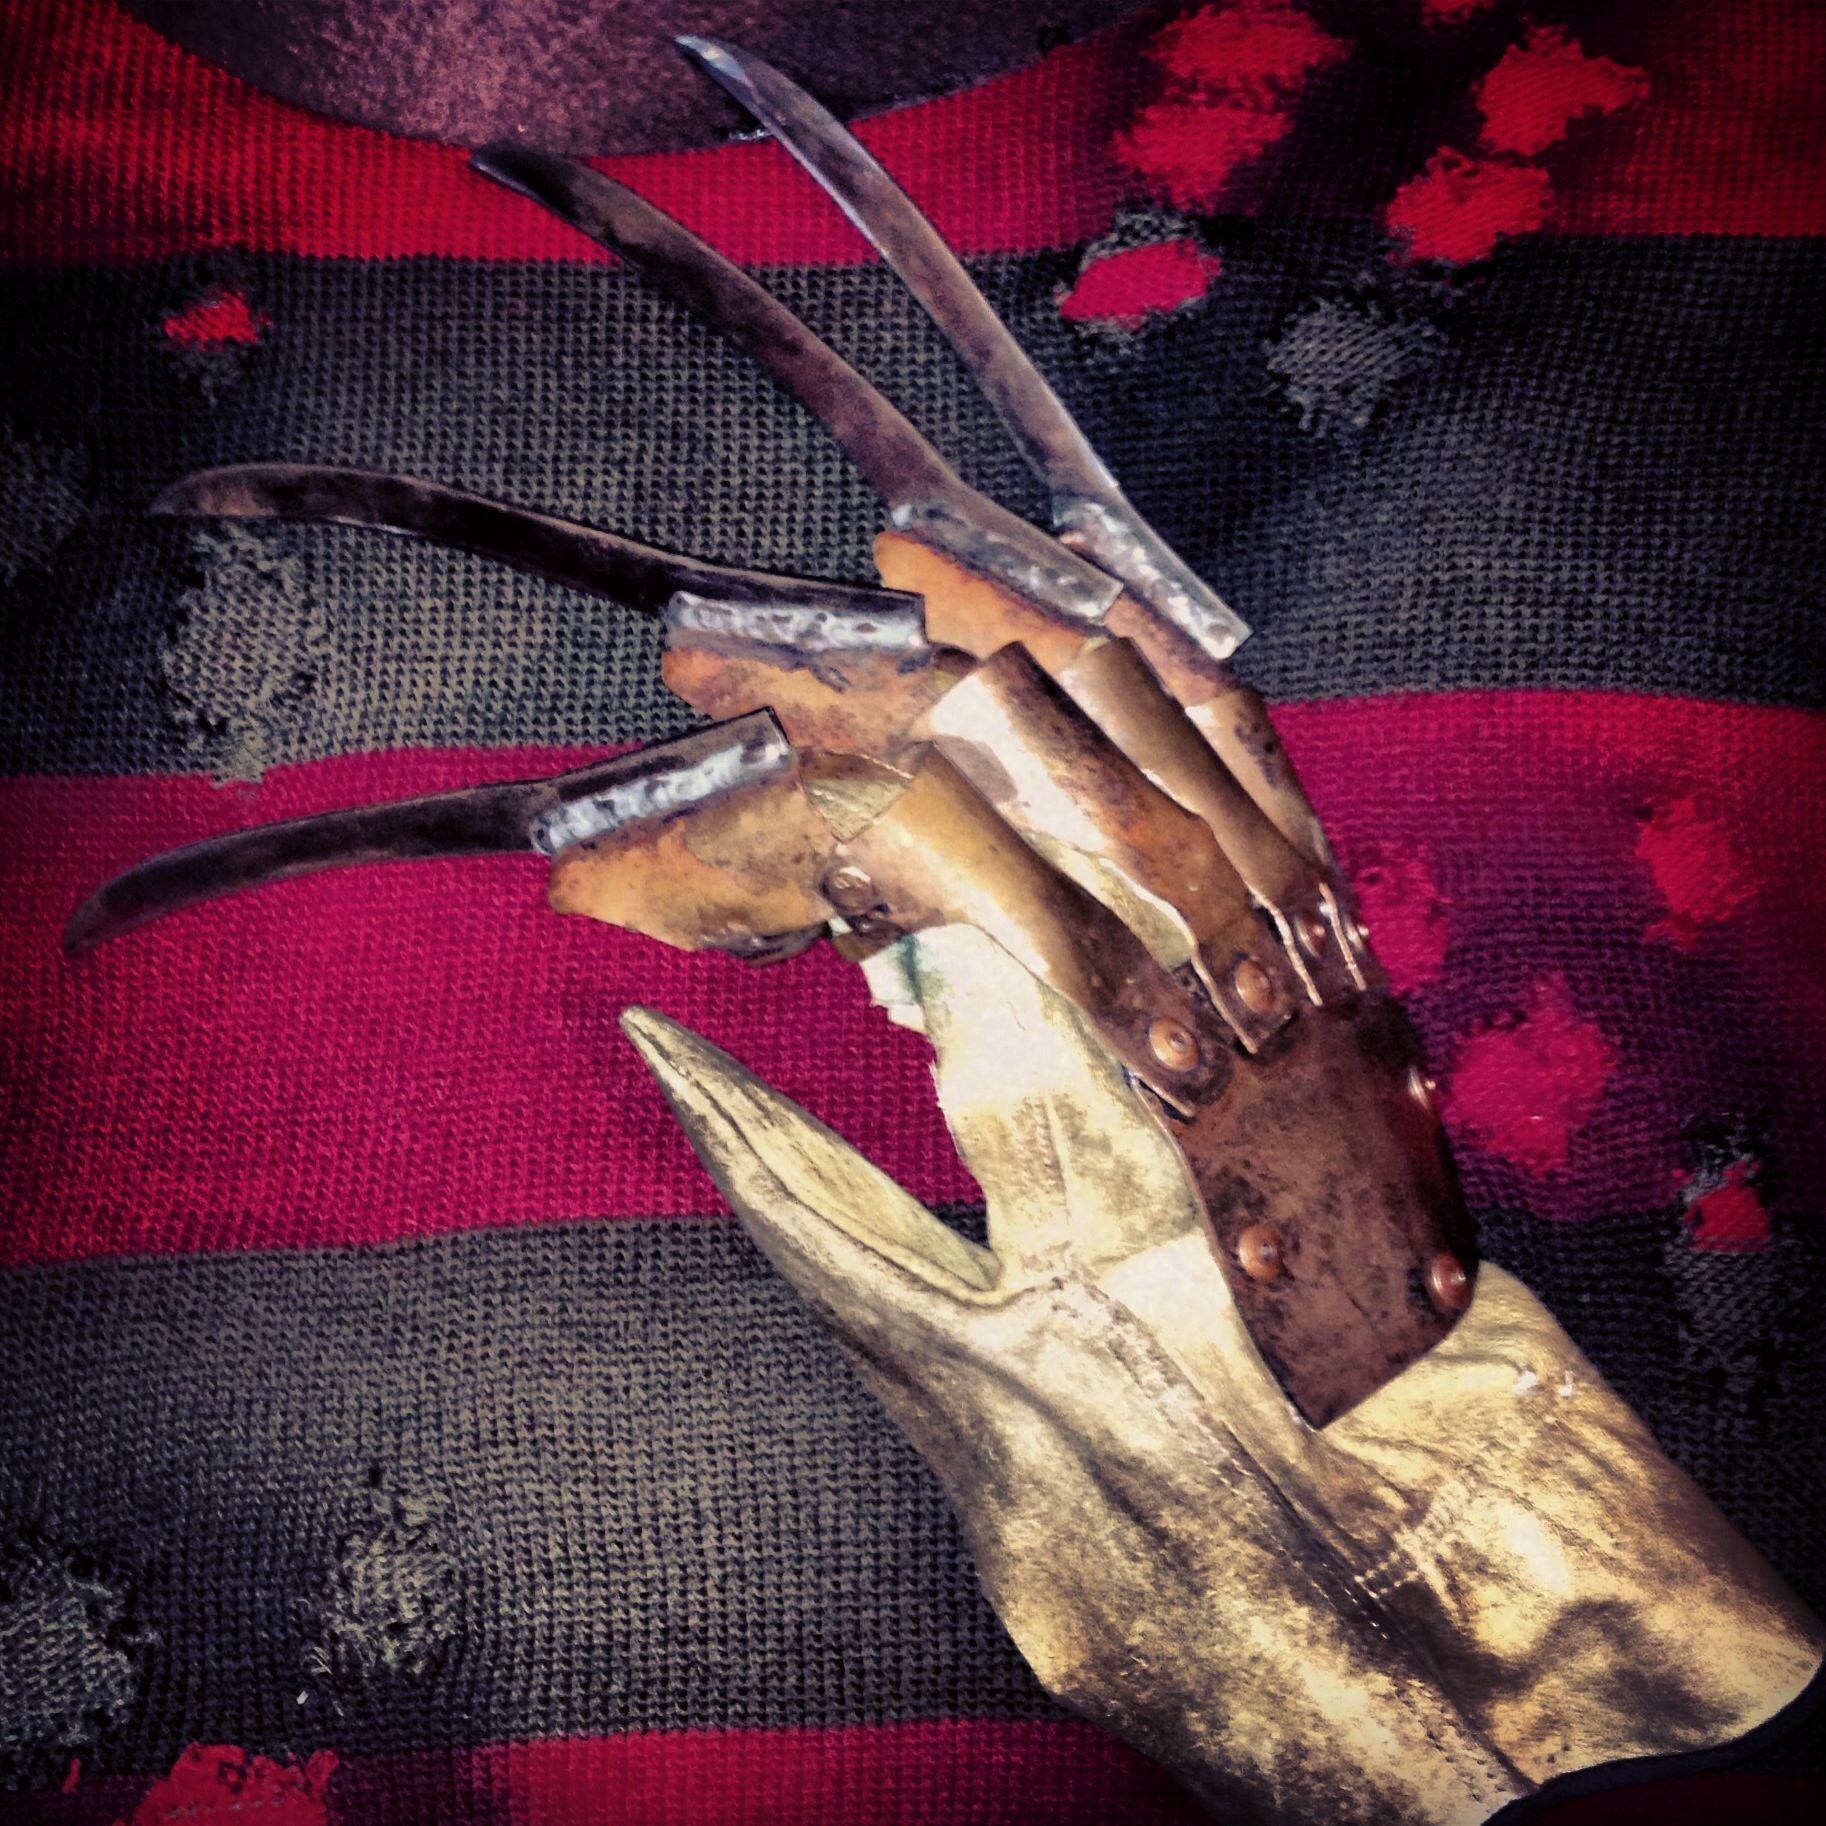 Freddy Krueger Glove I Made Home Made Freddy Krueger